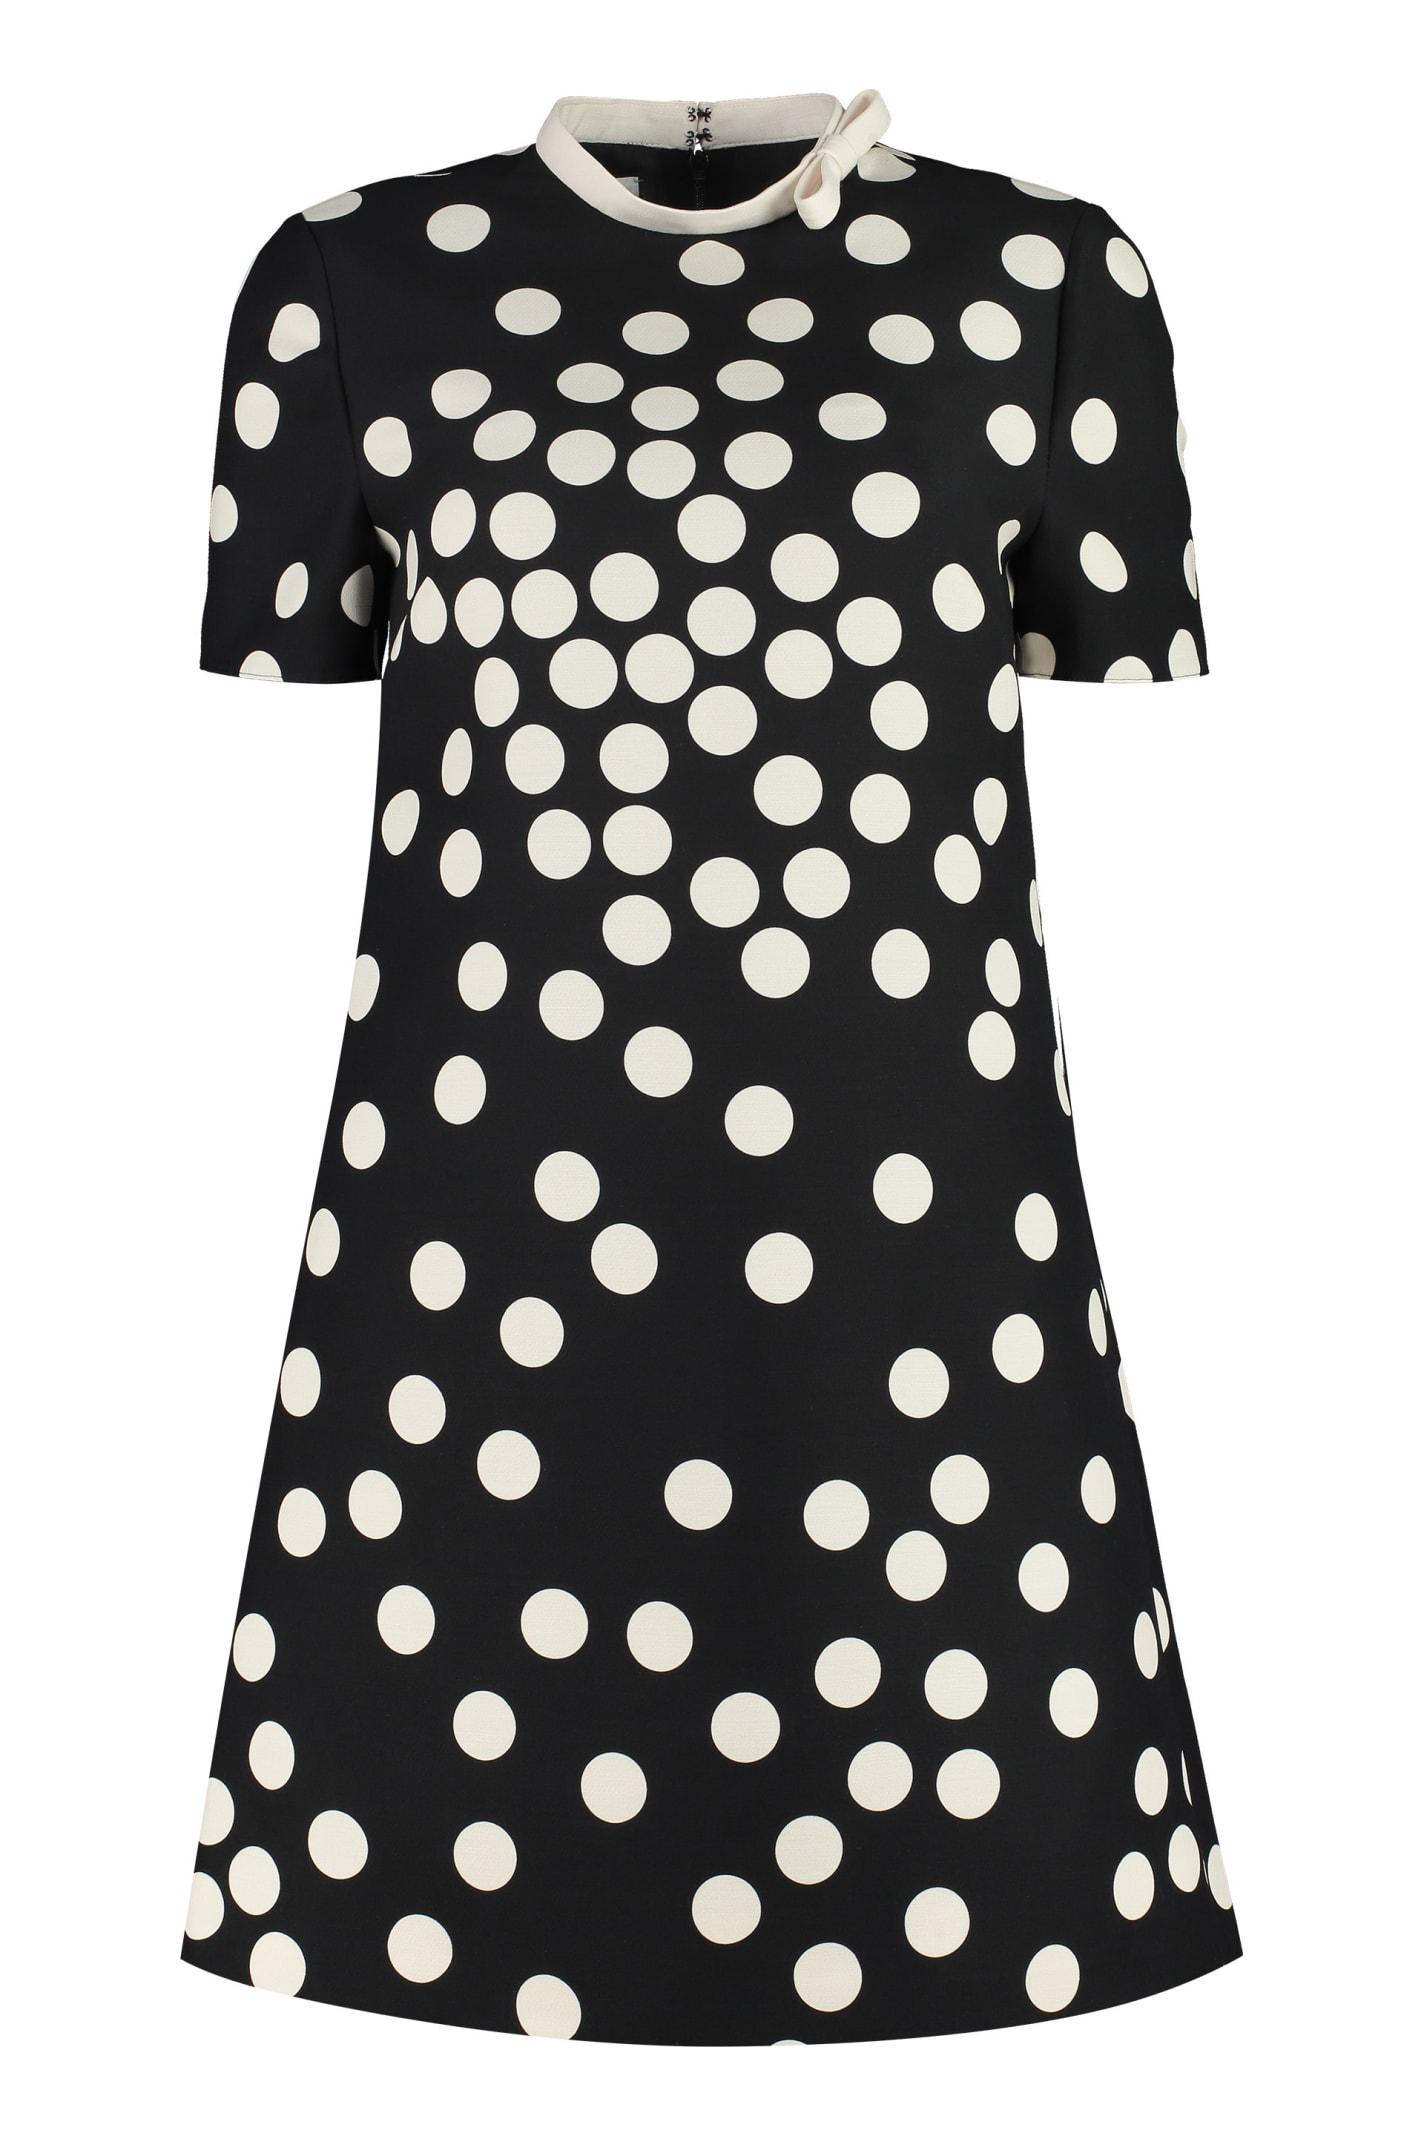 Valentino Polka-dot Mini-dress